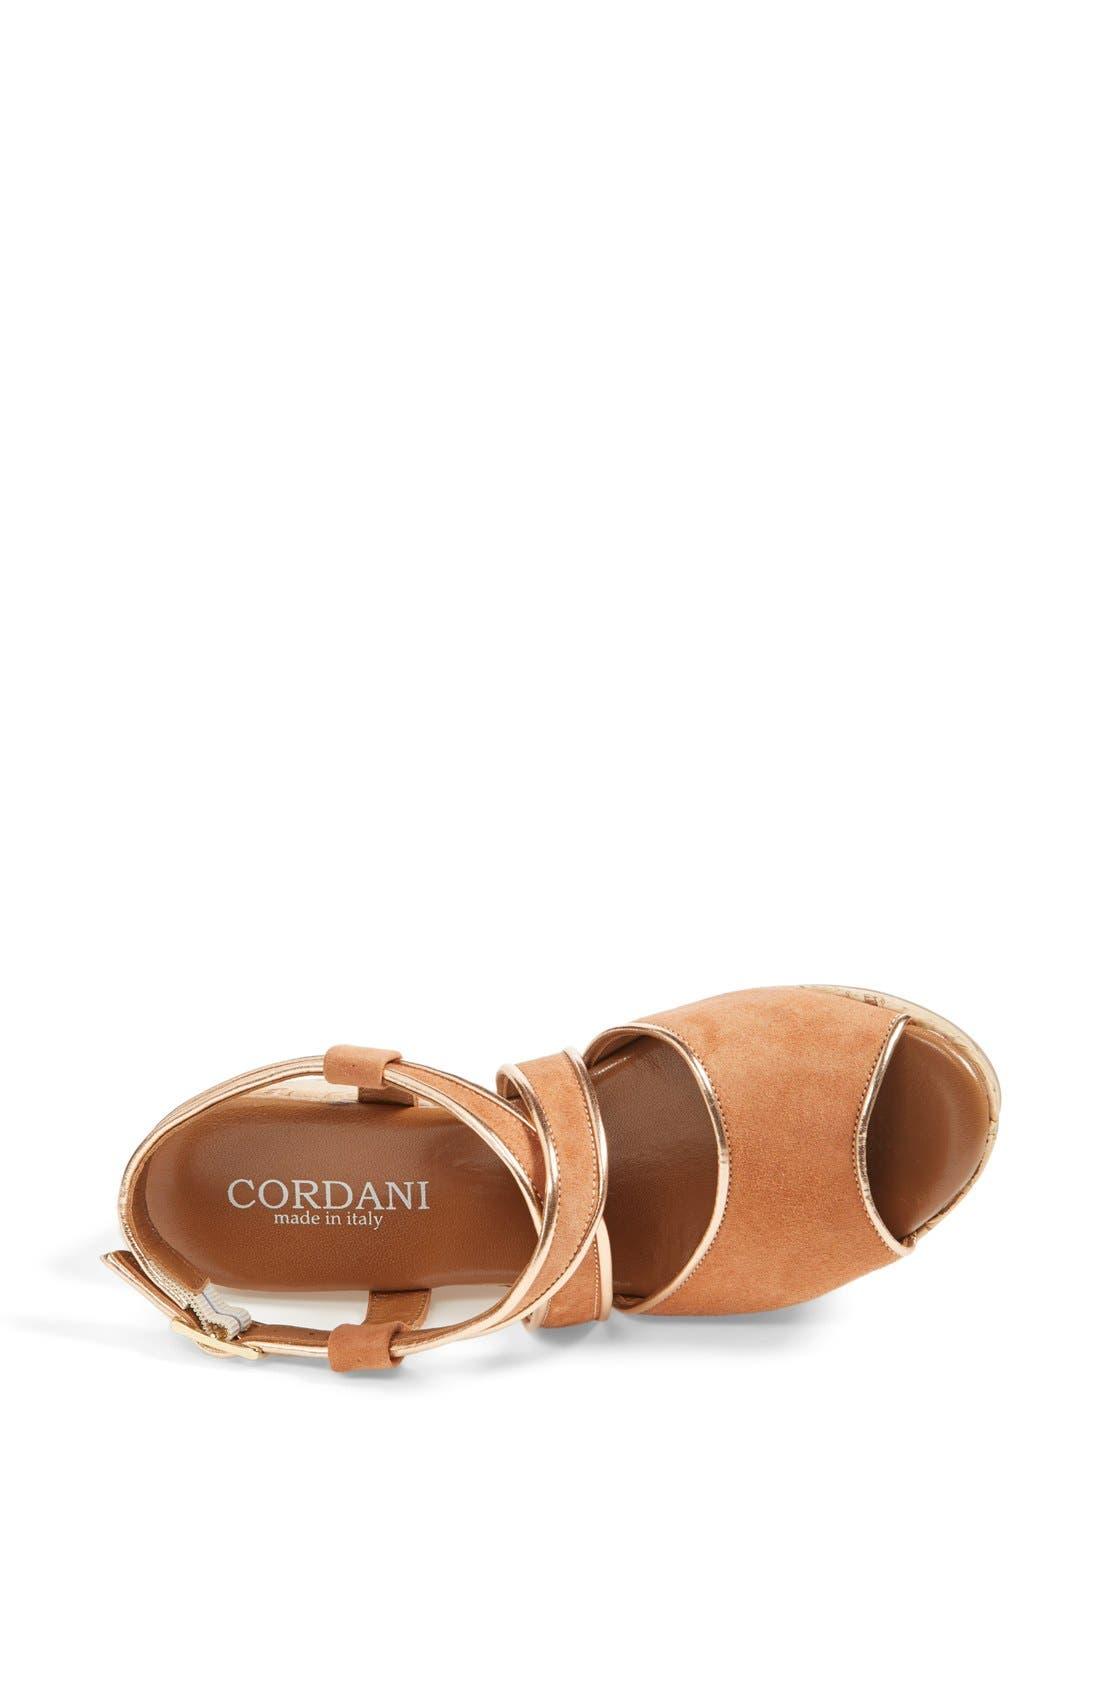 Alternate Image 3  - Cordani 'Denton' Suede Wedge Sandal